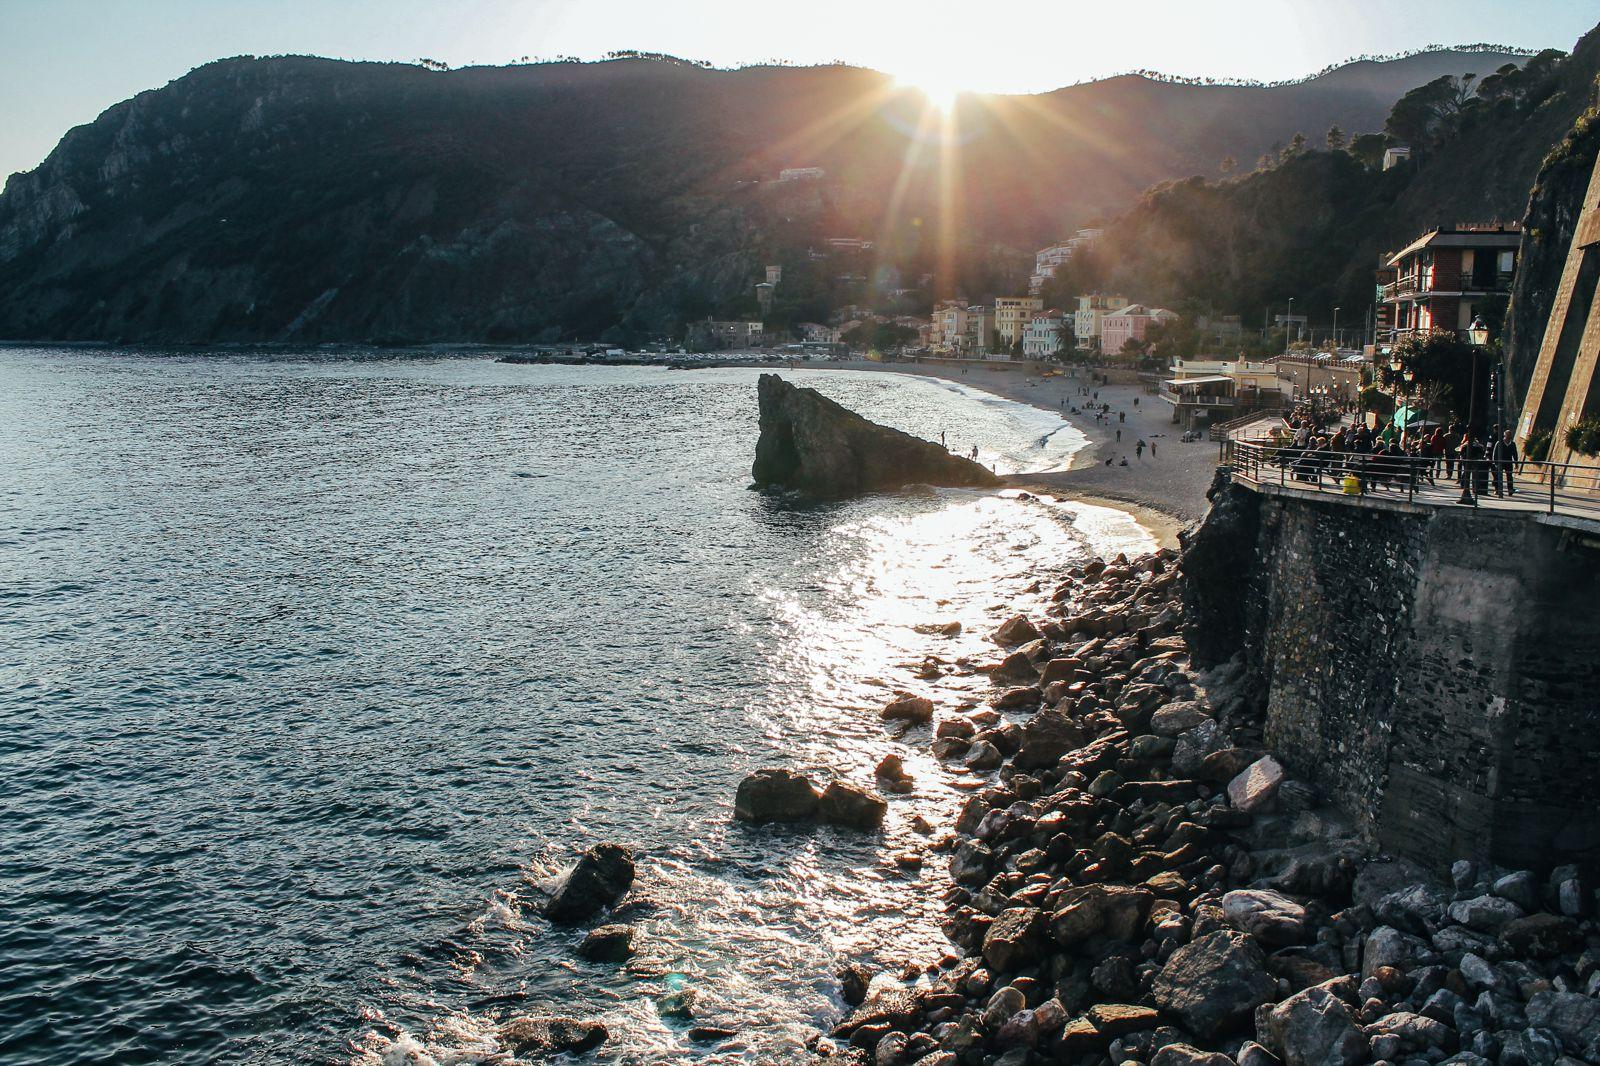 Monterosso al Mare in Cinque Terre, Italy - The Photo Diary! [5 of 5] (10)